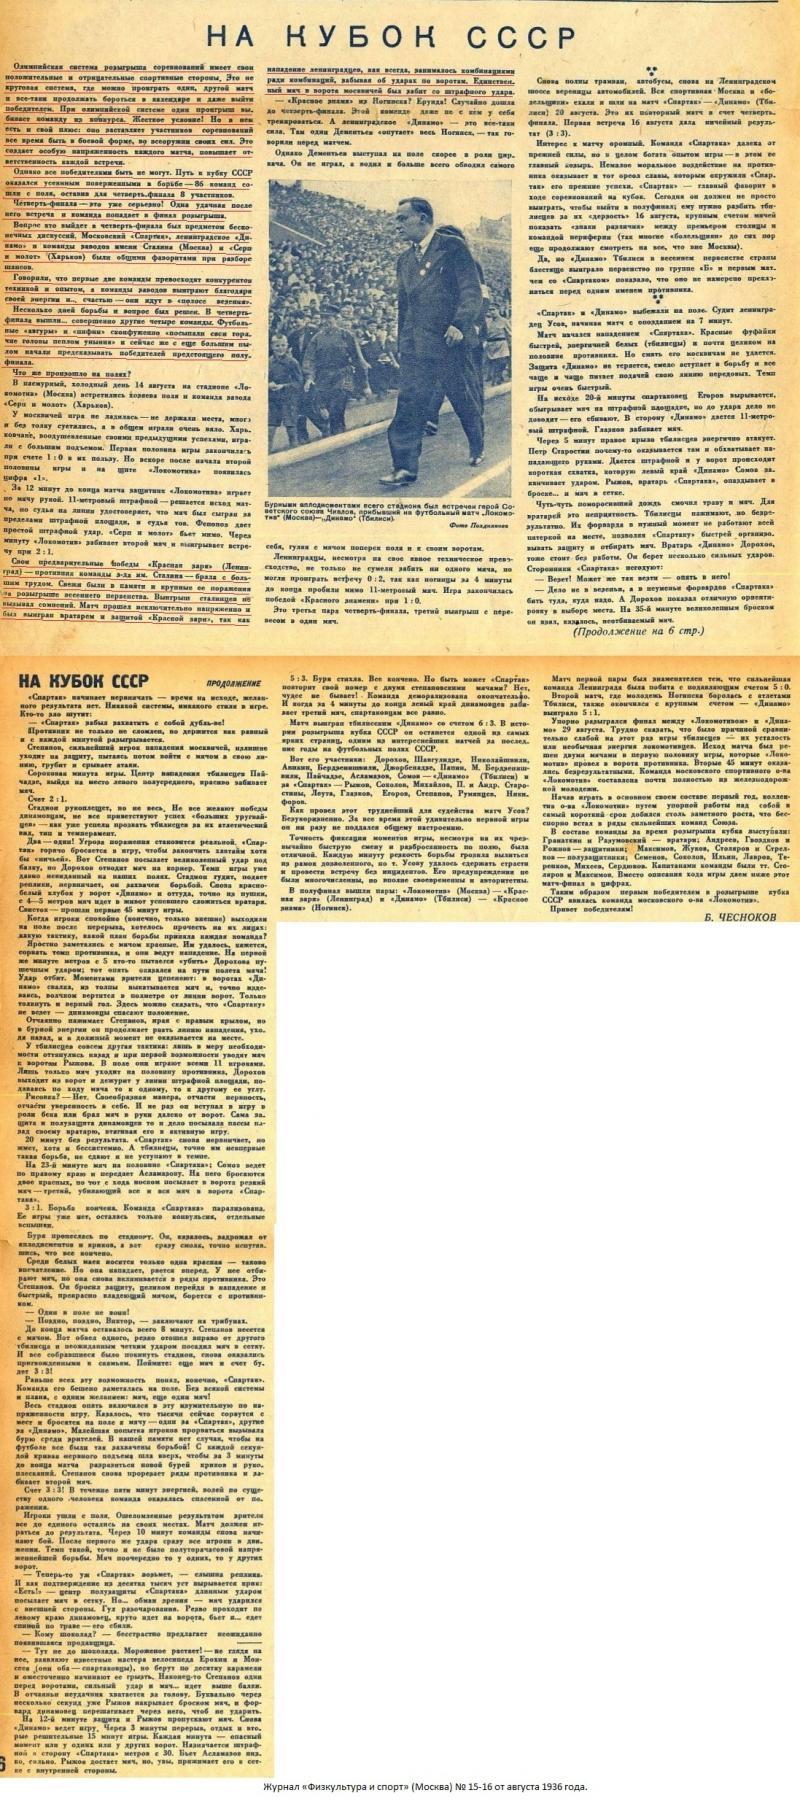 Красная Заря (Ленинград) - ЗИС - автомобильный завод им. И.В. Сталина (Москва) 1:0. Нажмите, чтобы посмотреть истинный размер рисунка